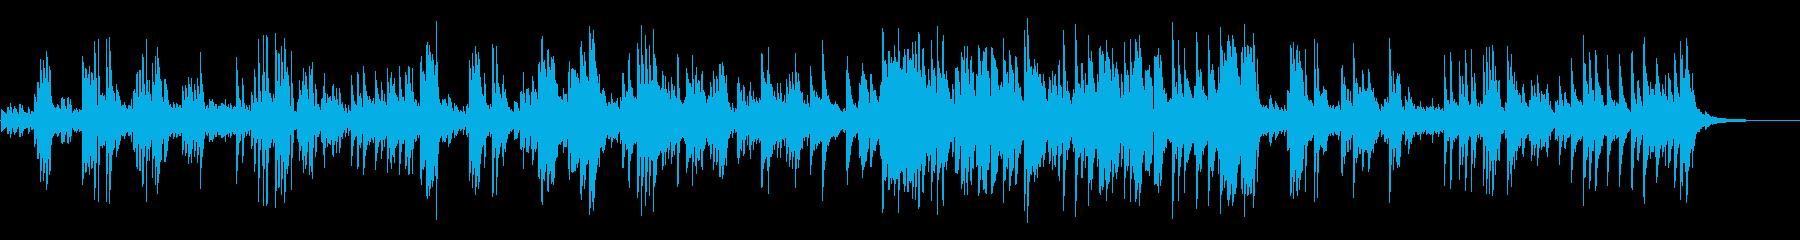 明るくさわやかなピアノオリジナル曲の再生済みの波形